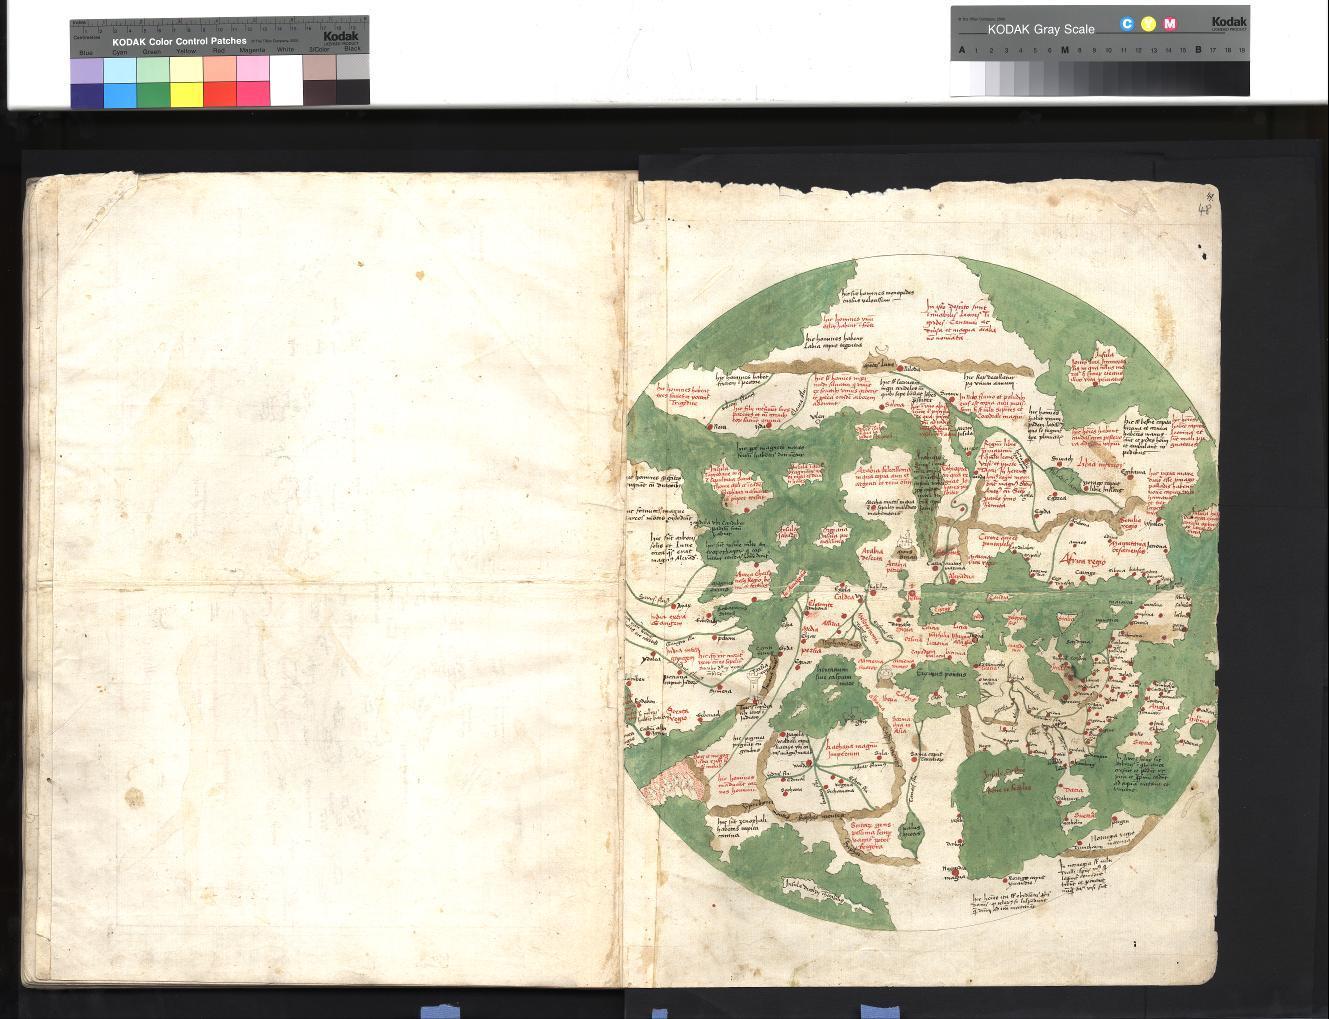 Hist. Fol. 497 - Mappa mundi Cicensis (Zeitzer Weltkarte)